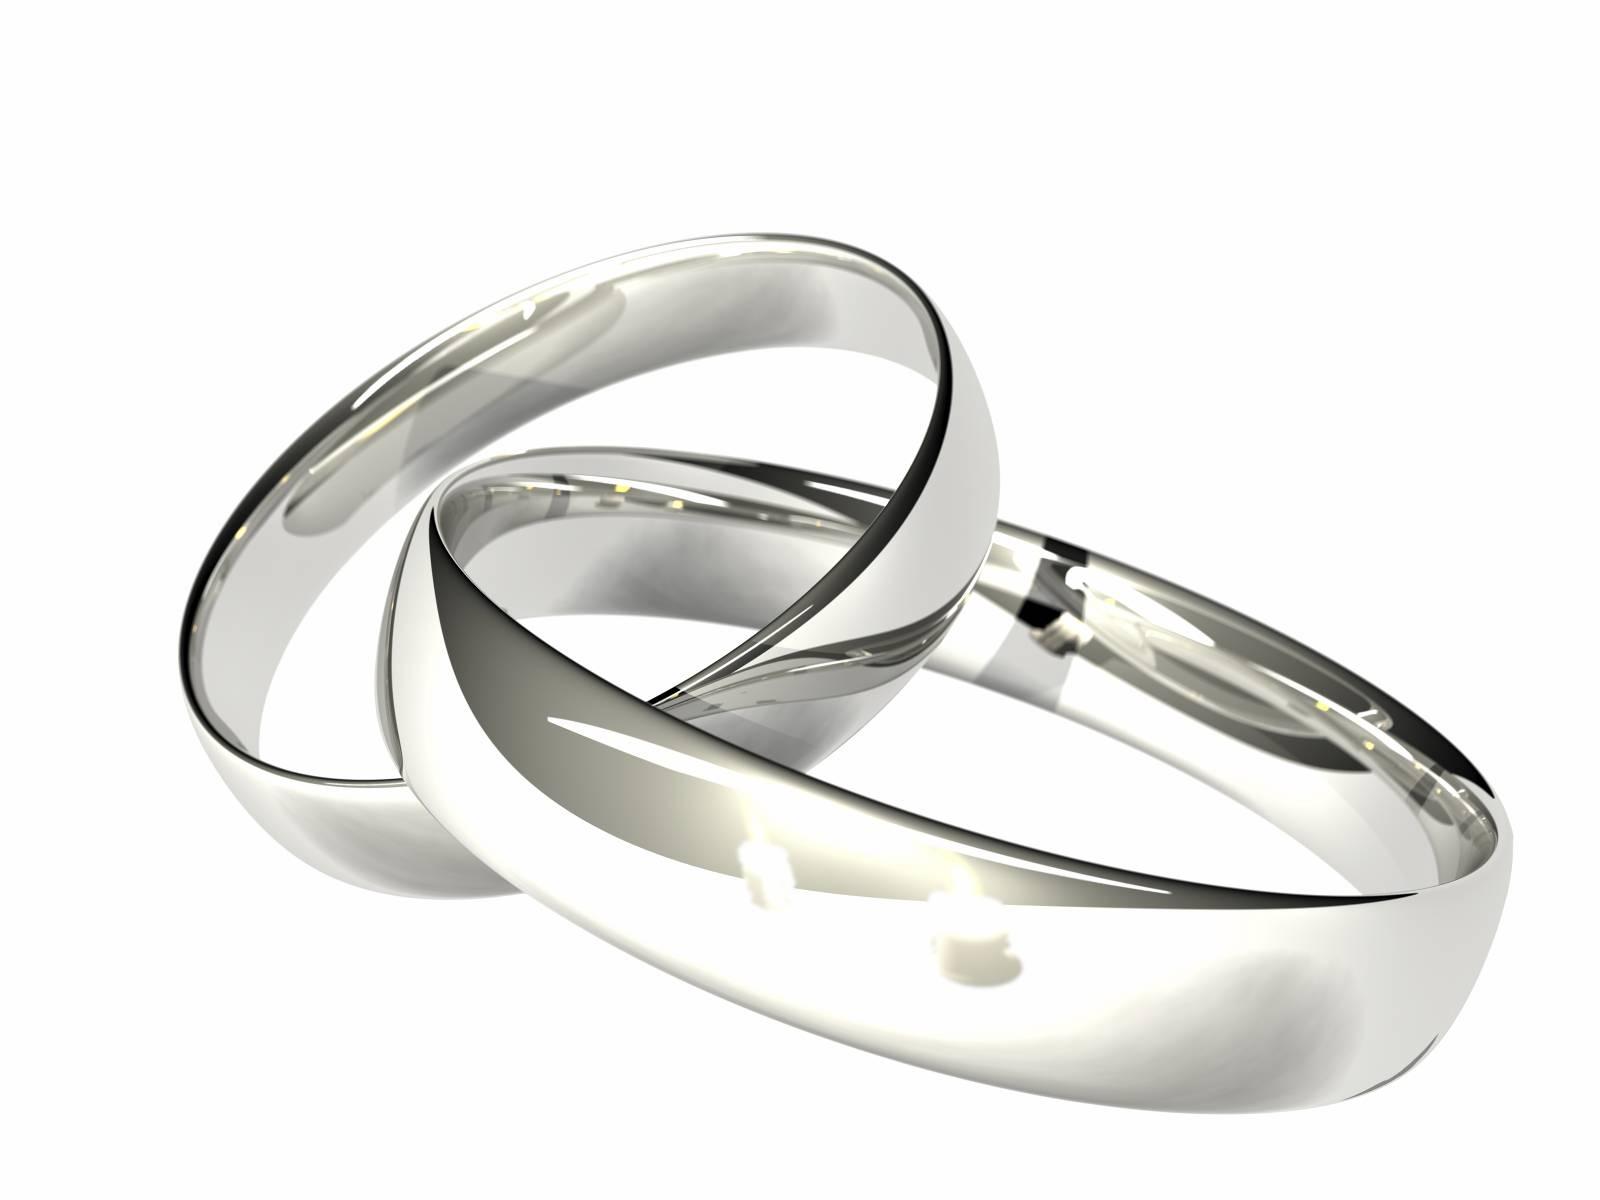 Wedding Pictures Wedding Photos Silver Wedding Rings Pictures For Silver Wedding Bands (Gallery 3 of 15)